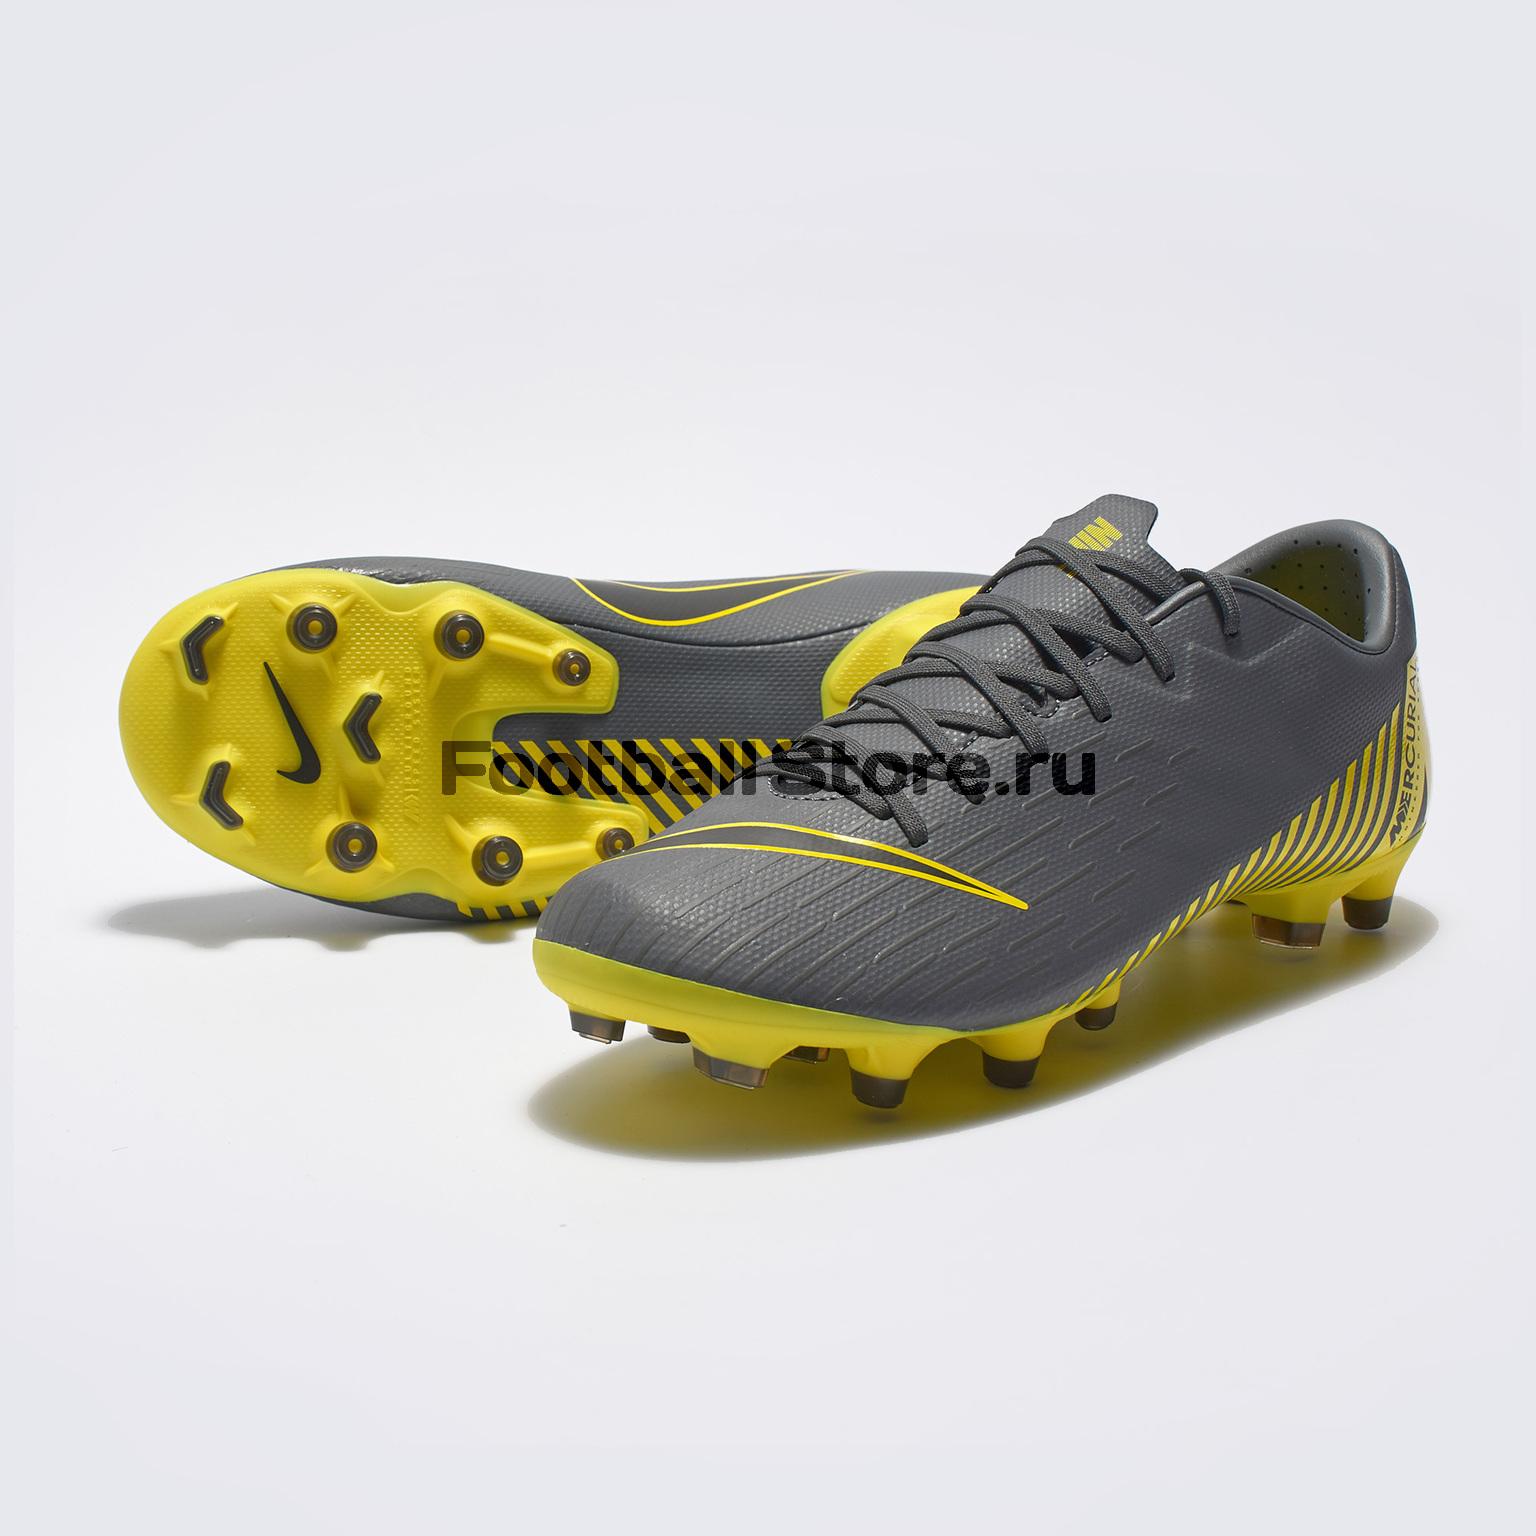 Бутсы Nike Vapor 12 Academy FG/MG AH7375-070 бутсы детские nike vapor 12 academy gs fg mg ah7347 060